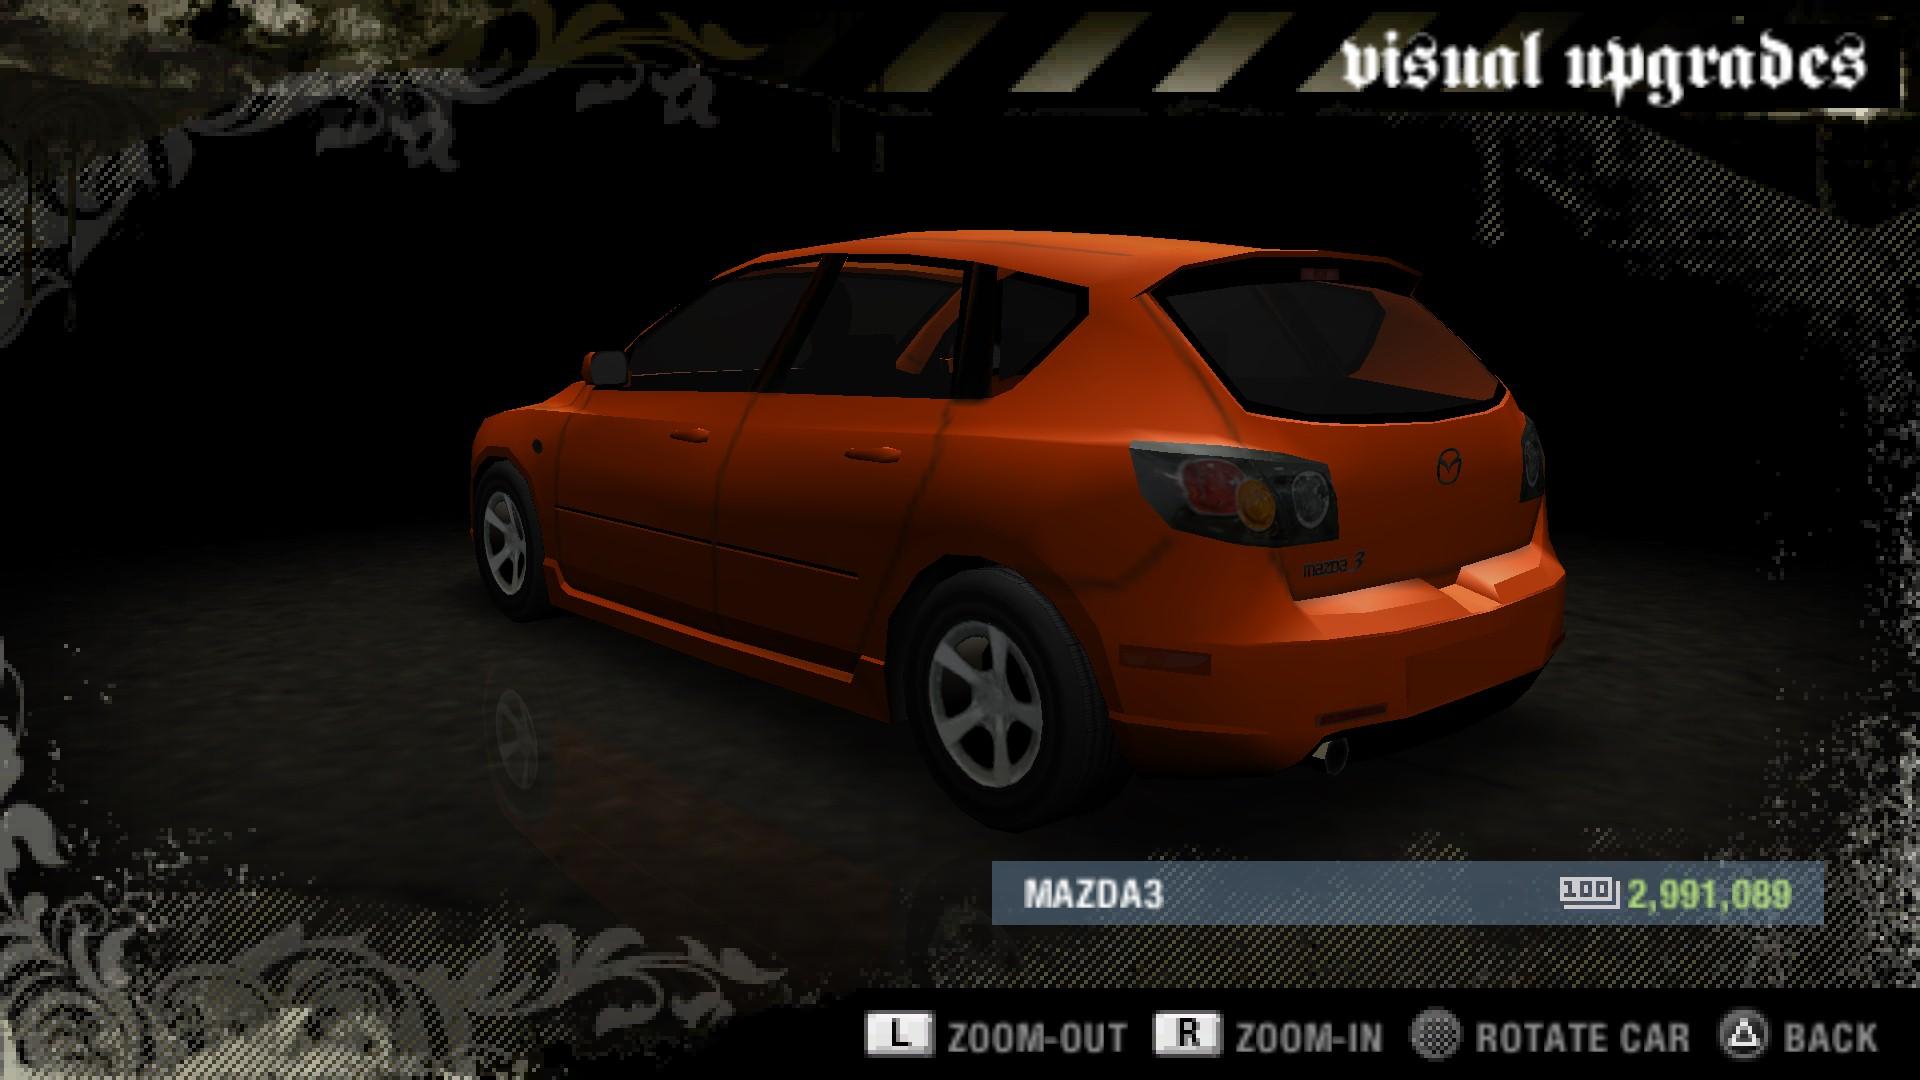 Mazda Mazda3 (BK) | Need for Speed Wiki | FANDOM powered by